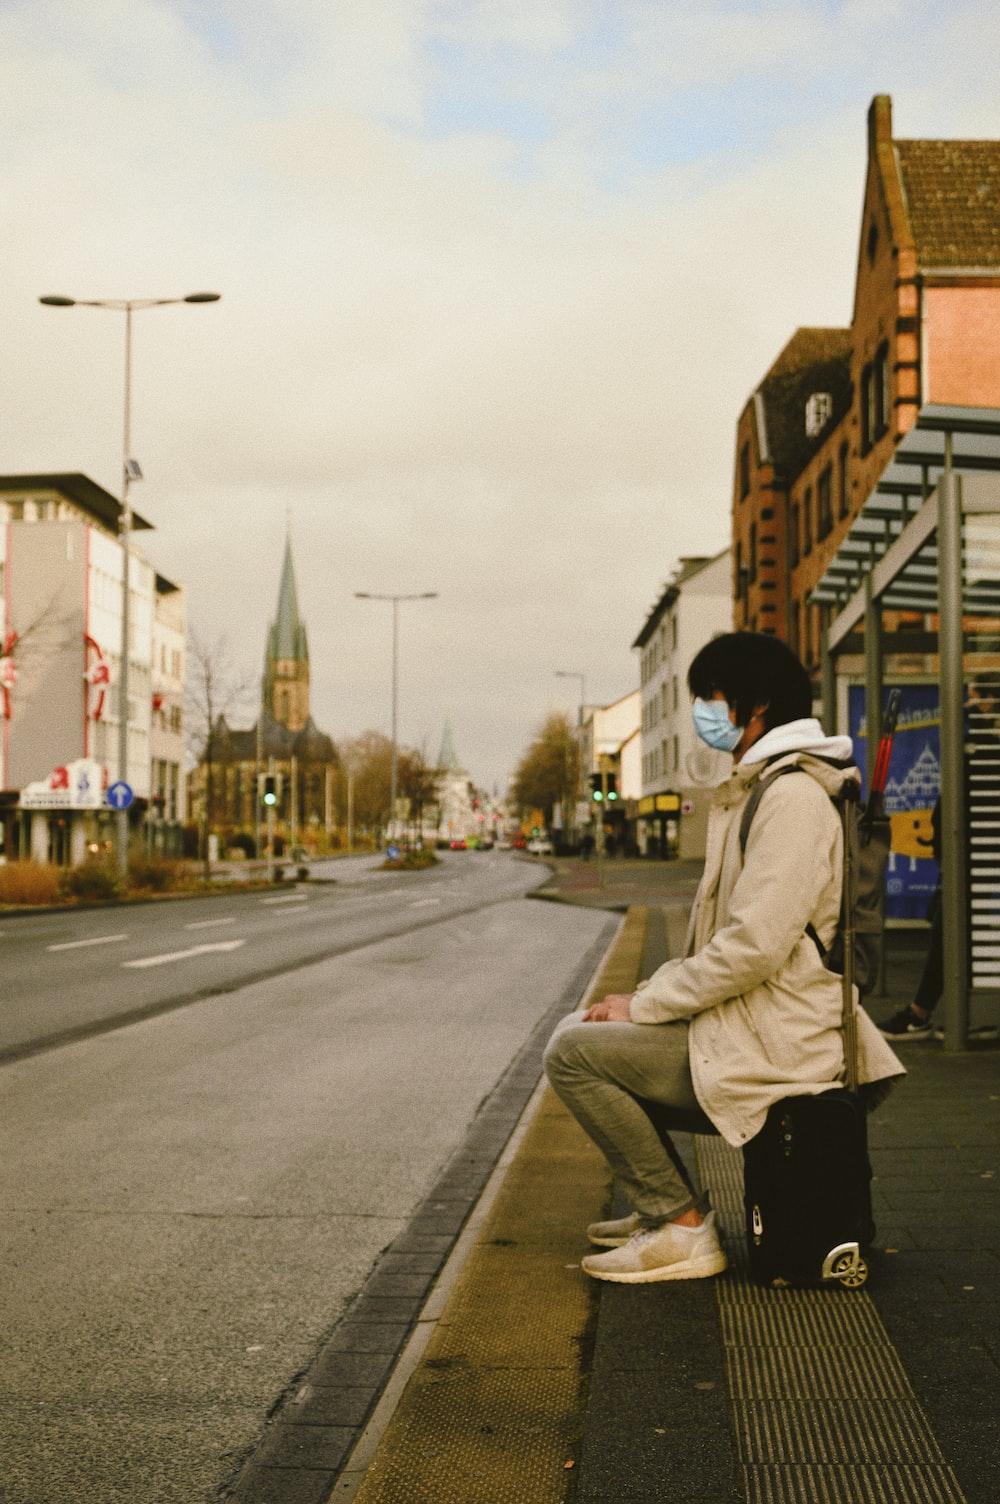 man in white jacket and black pants walking on sidewalk during daytime